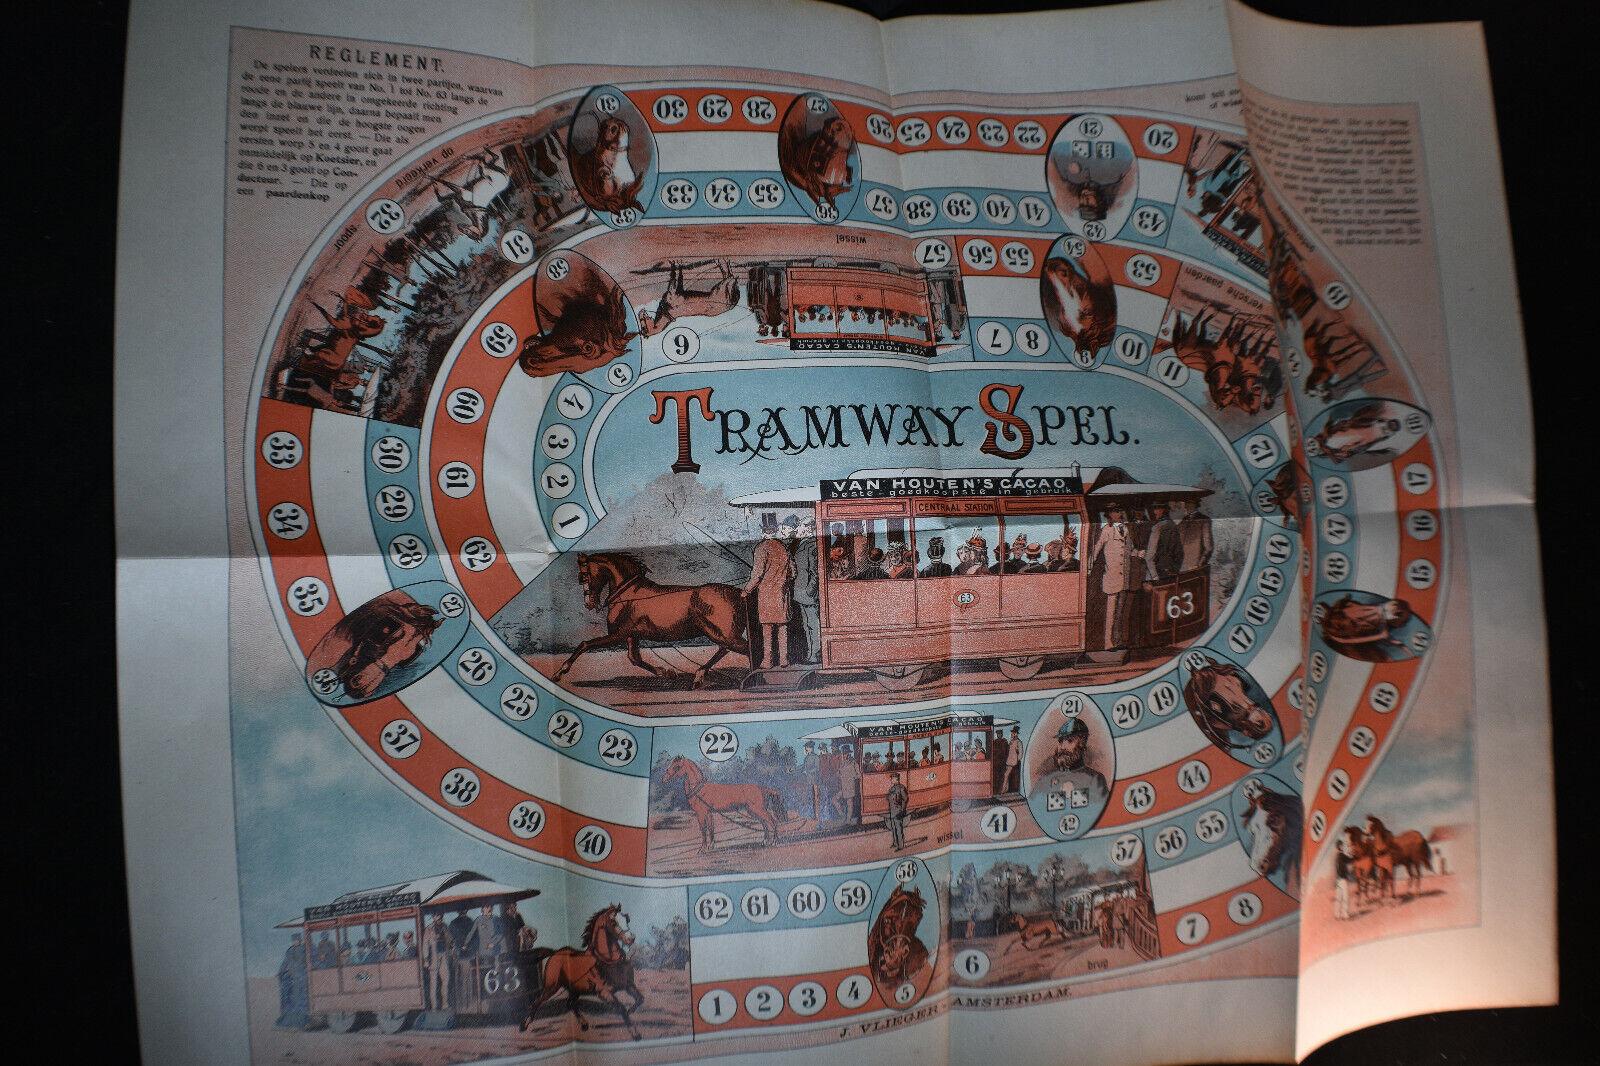 Ca 1890 Tramway Game 'Tramspel'